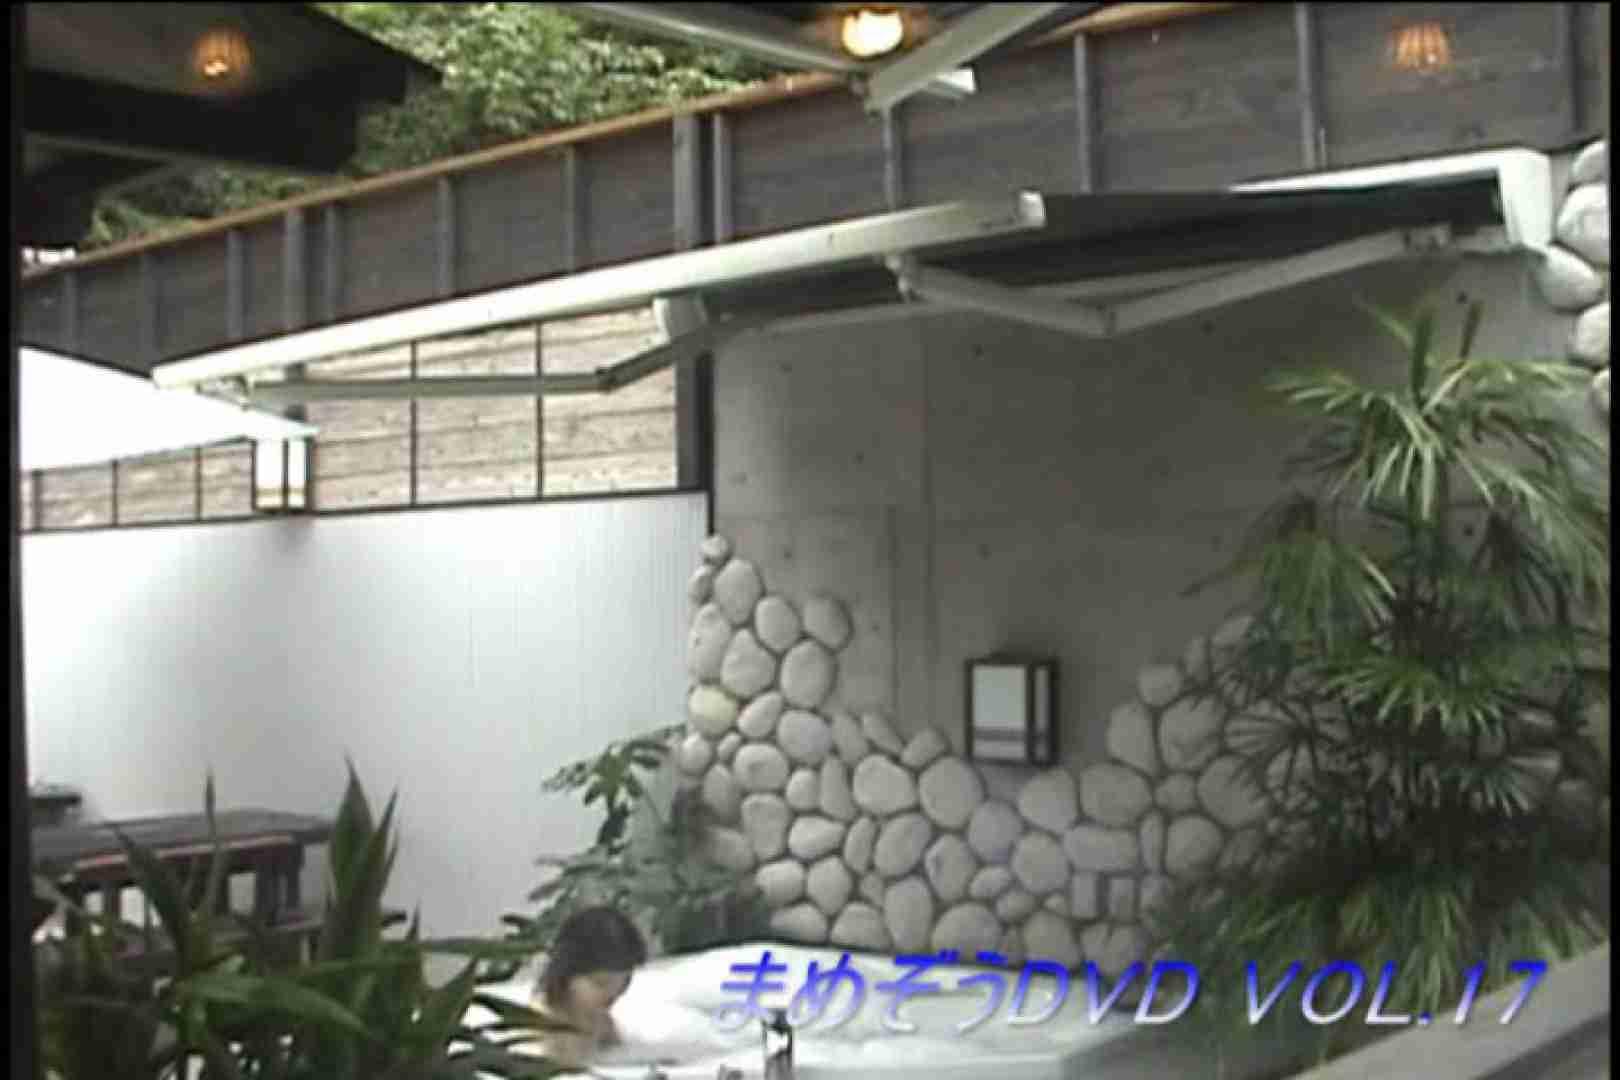 まめぞうDVD完全版VOL.17 洗面所 | ギャル攻め  94画像 49